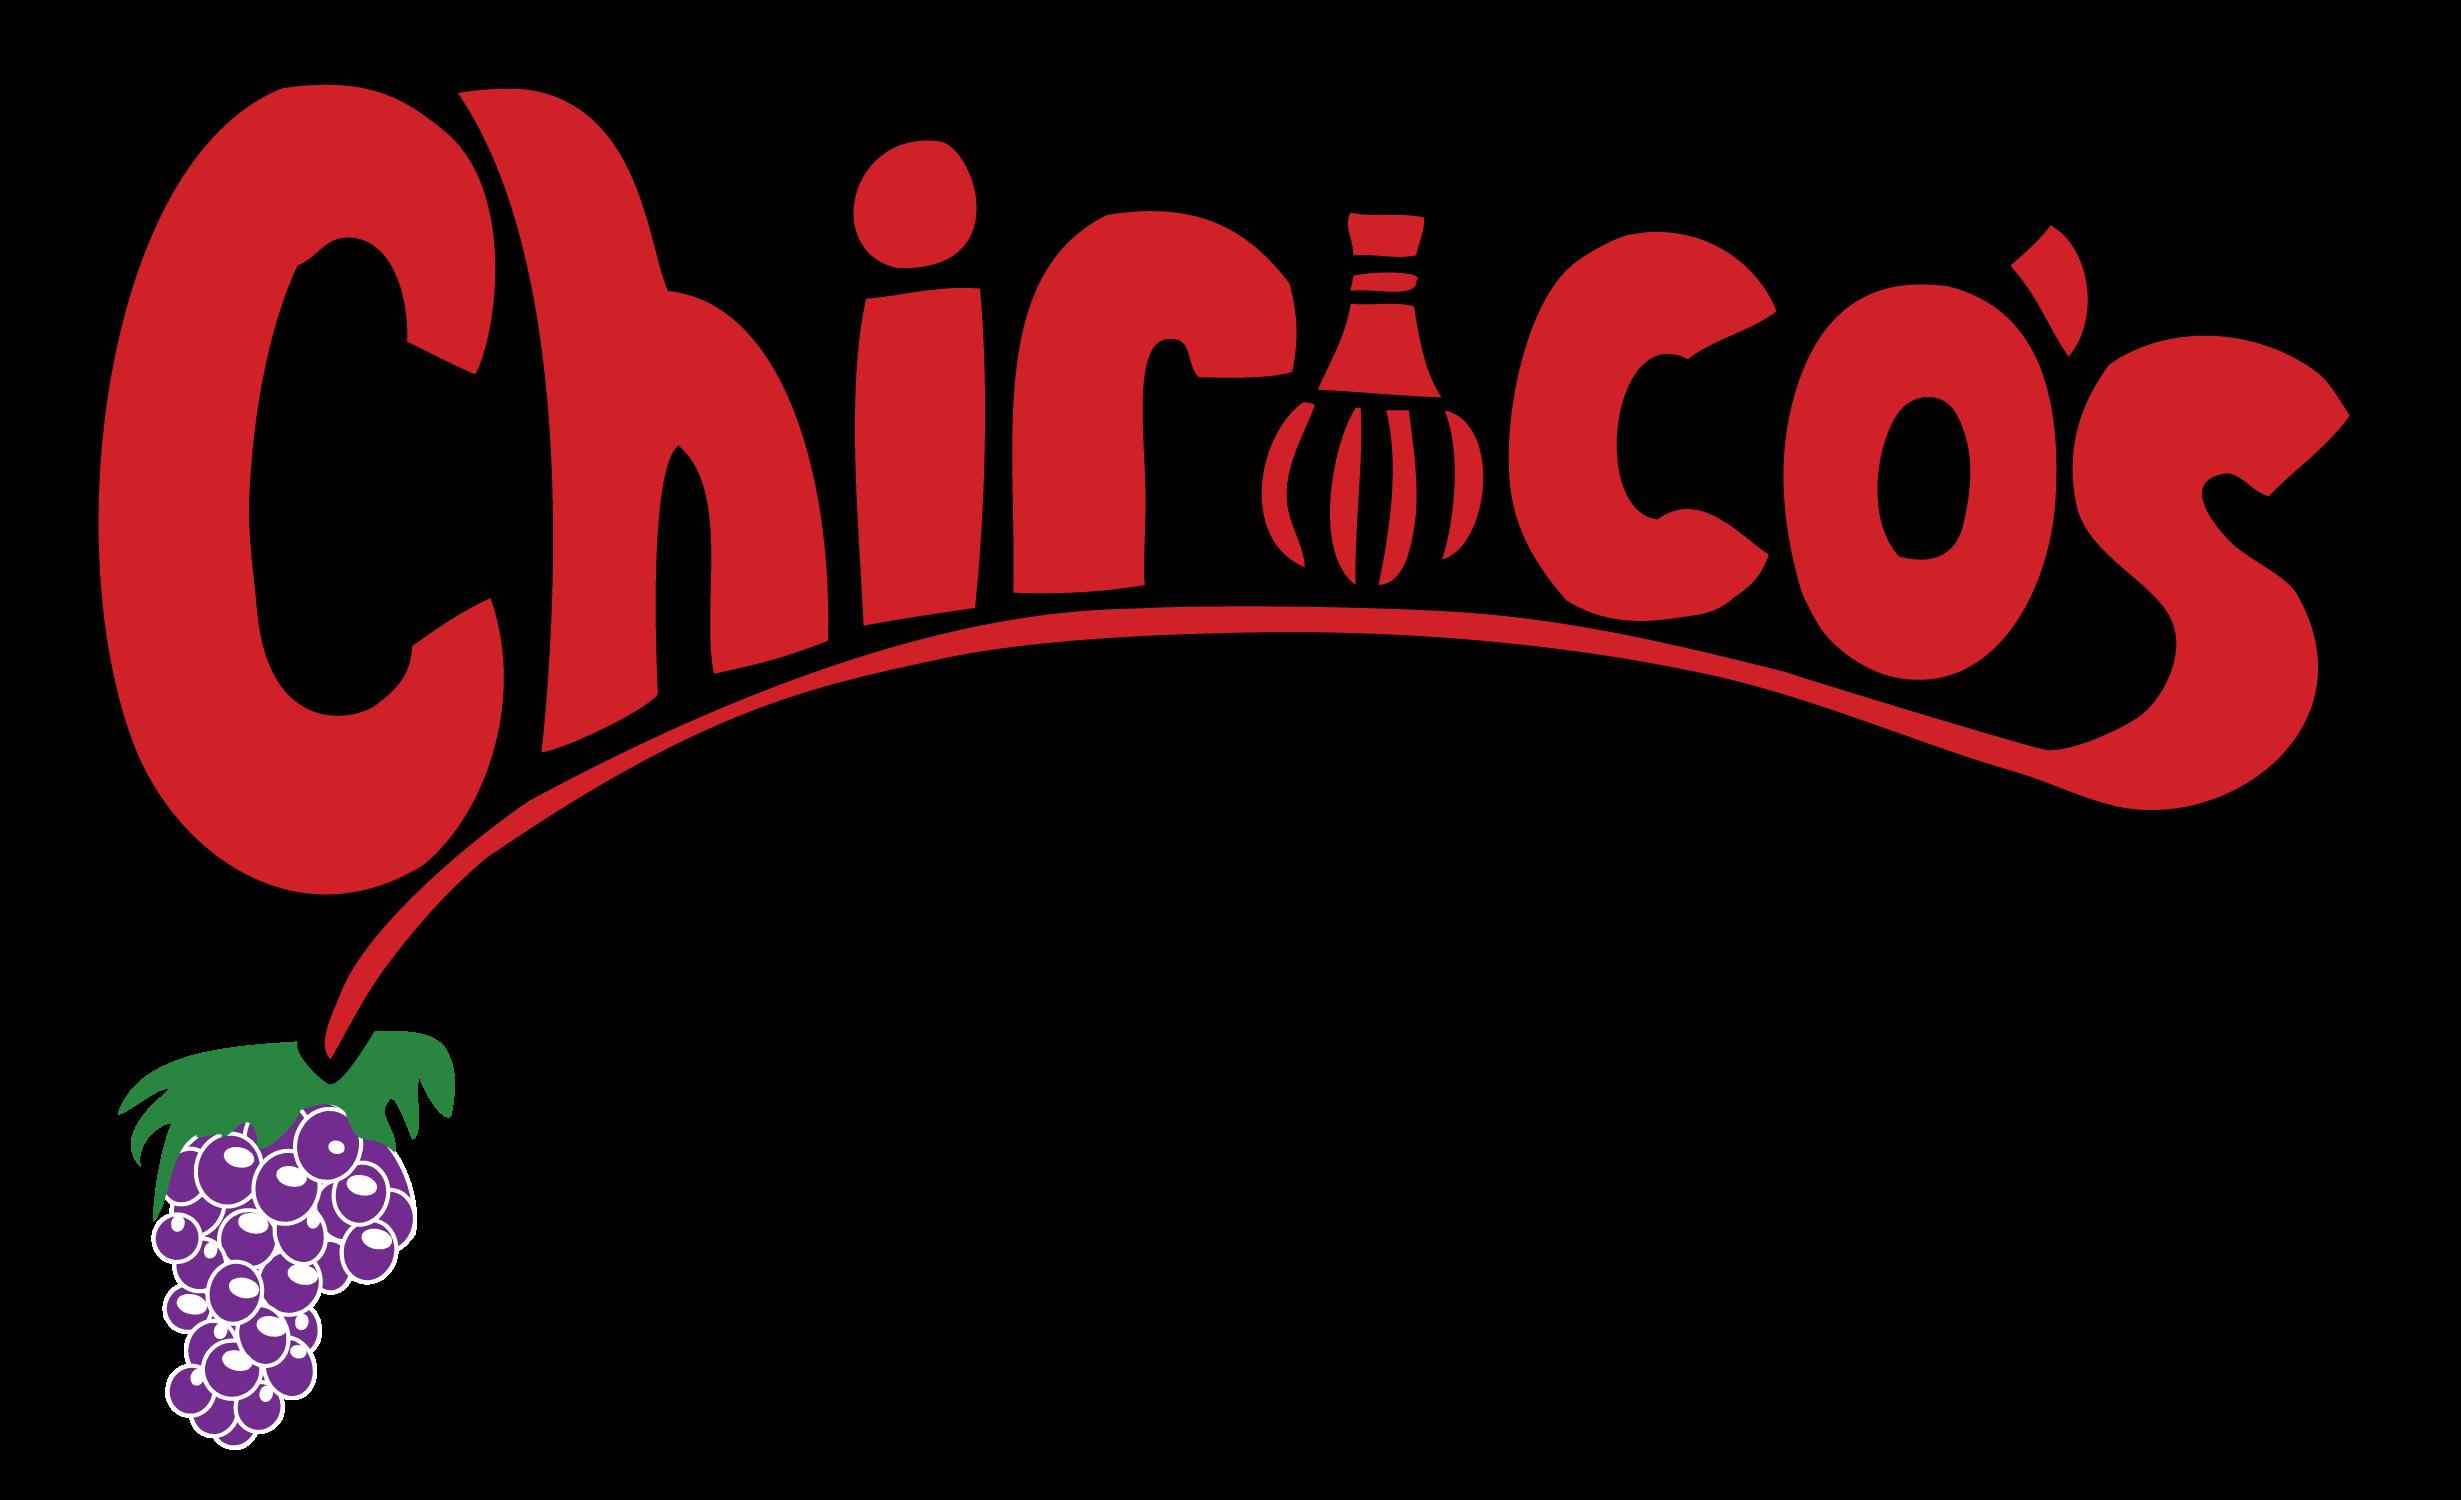 Chirico's Ristorante